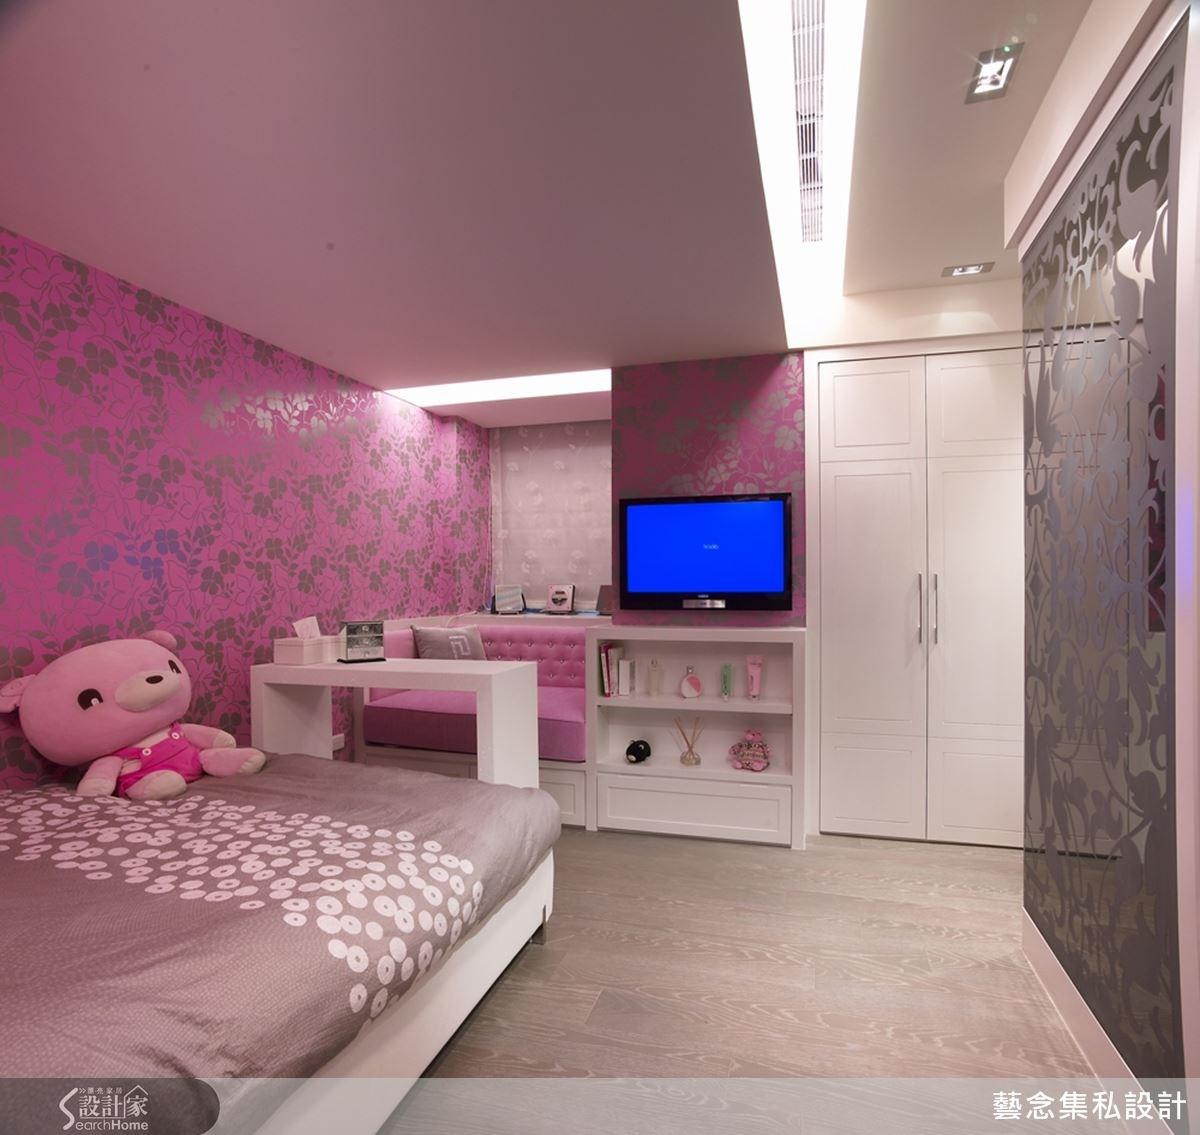 女兒房則以浪漫的粉紅色做主色調舖陳,透過結合繃布牆、壁紙與鏡面的設計,空間有多種層次感。